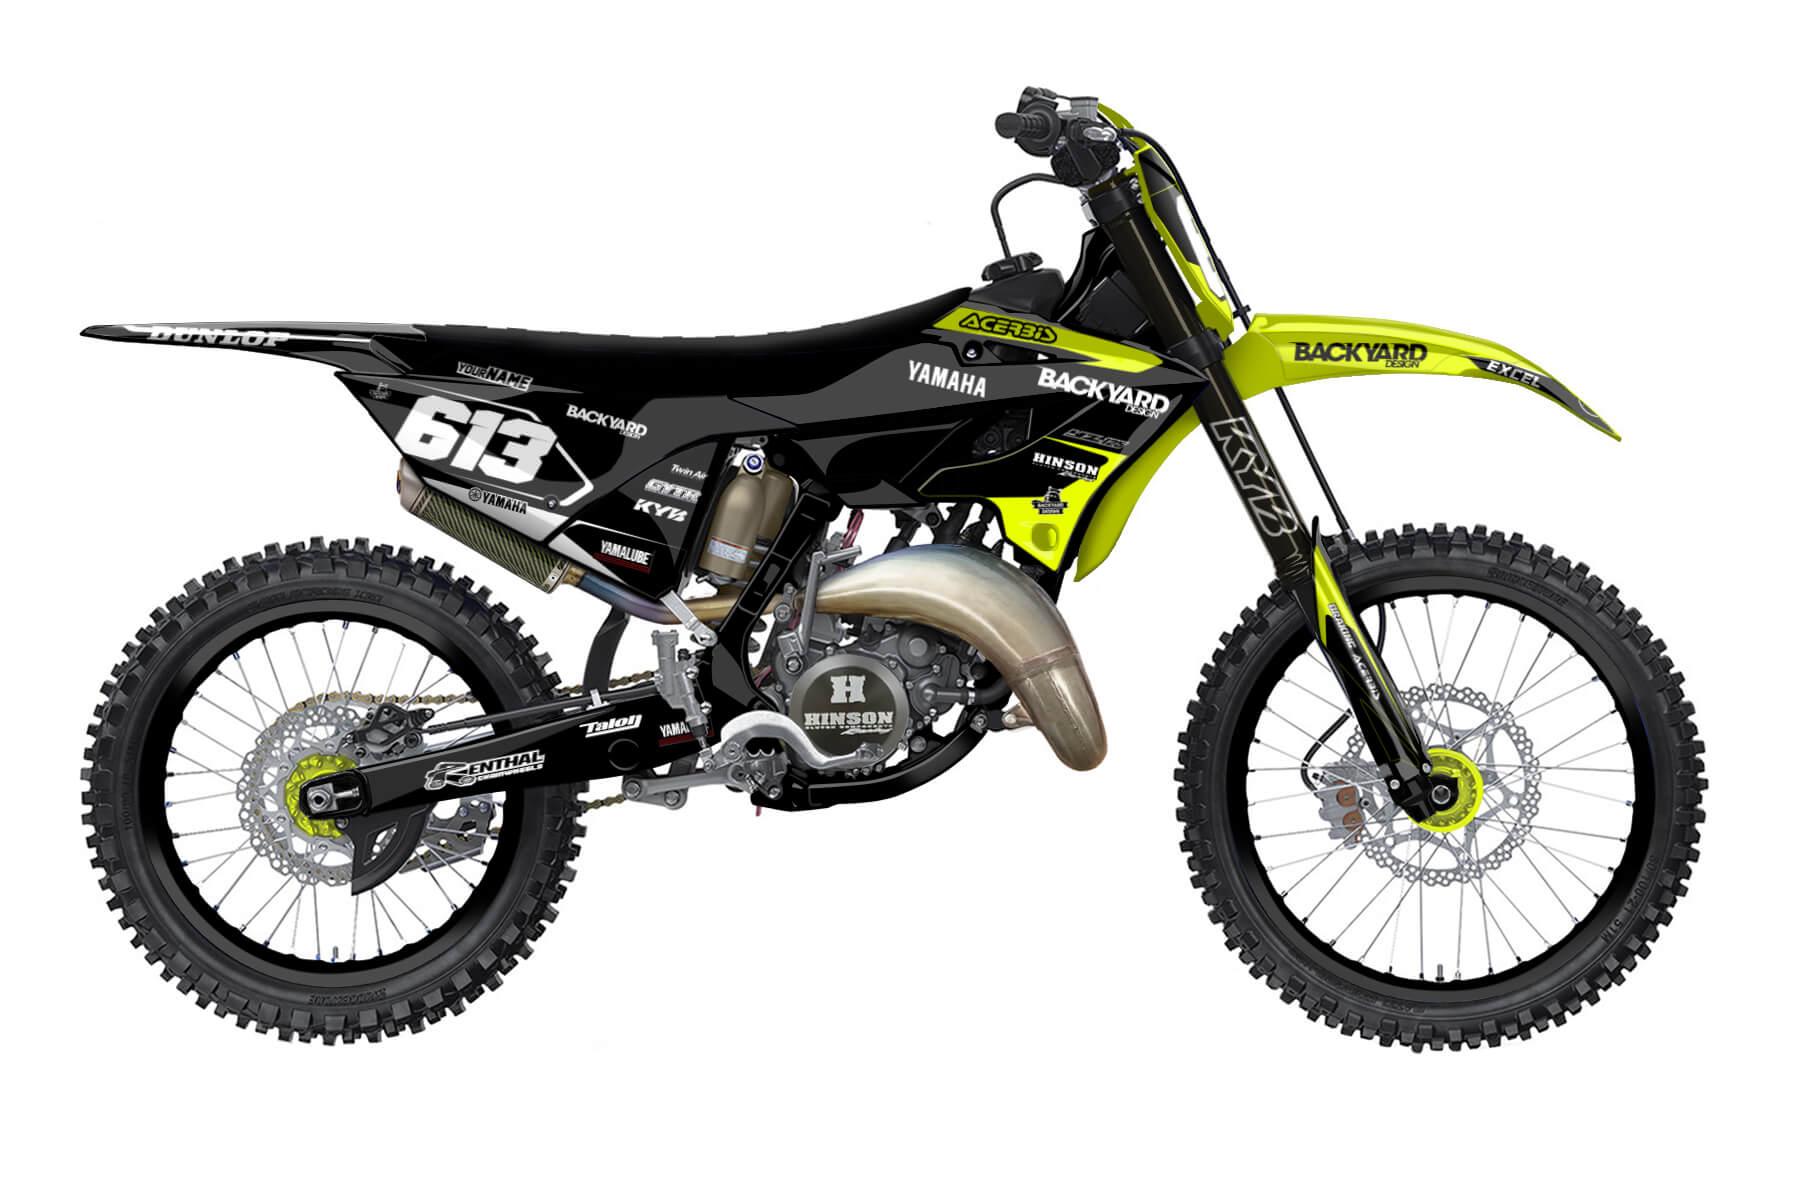 Yamaha YZ 250 - 2022 - Backyard Design - Mx Dekor - Prime Neon